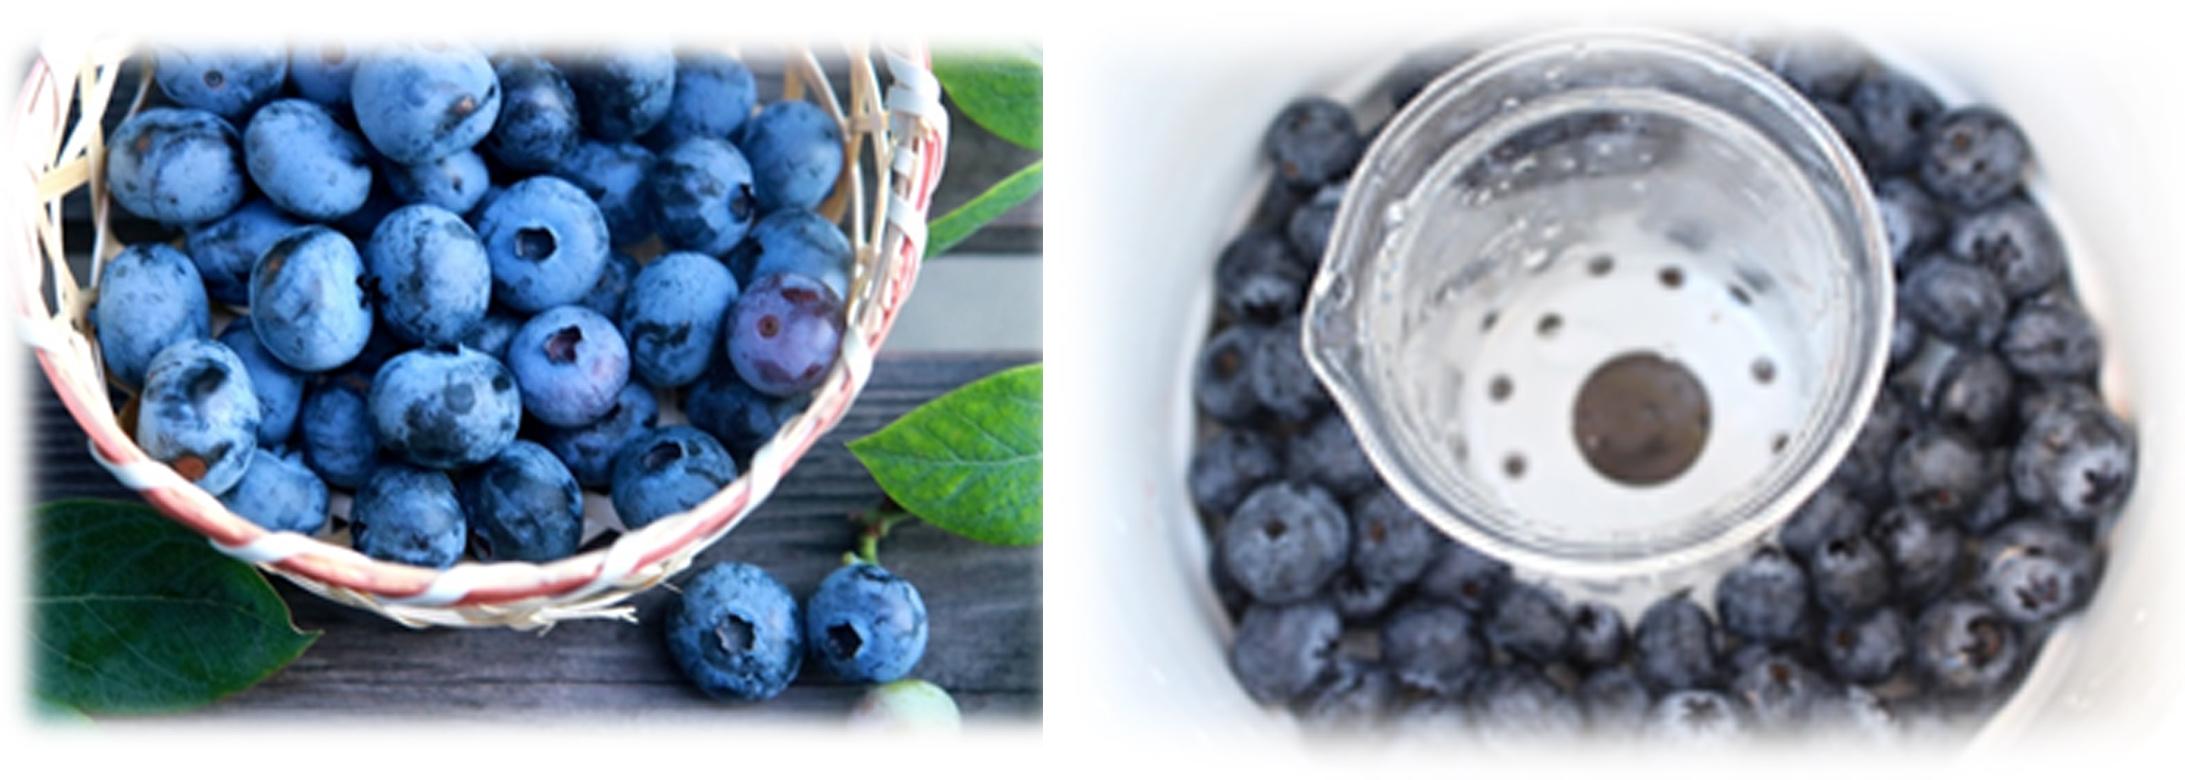 機能性食品を効率よく摂取/「キッチン蒸留手法」で美しく強いカラダをつくる